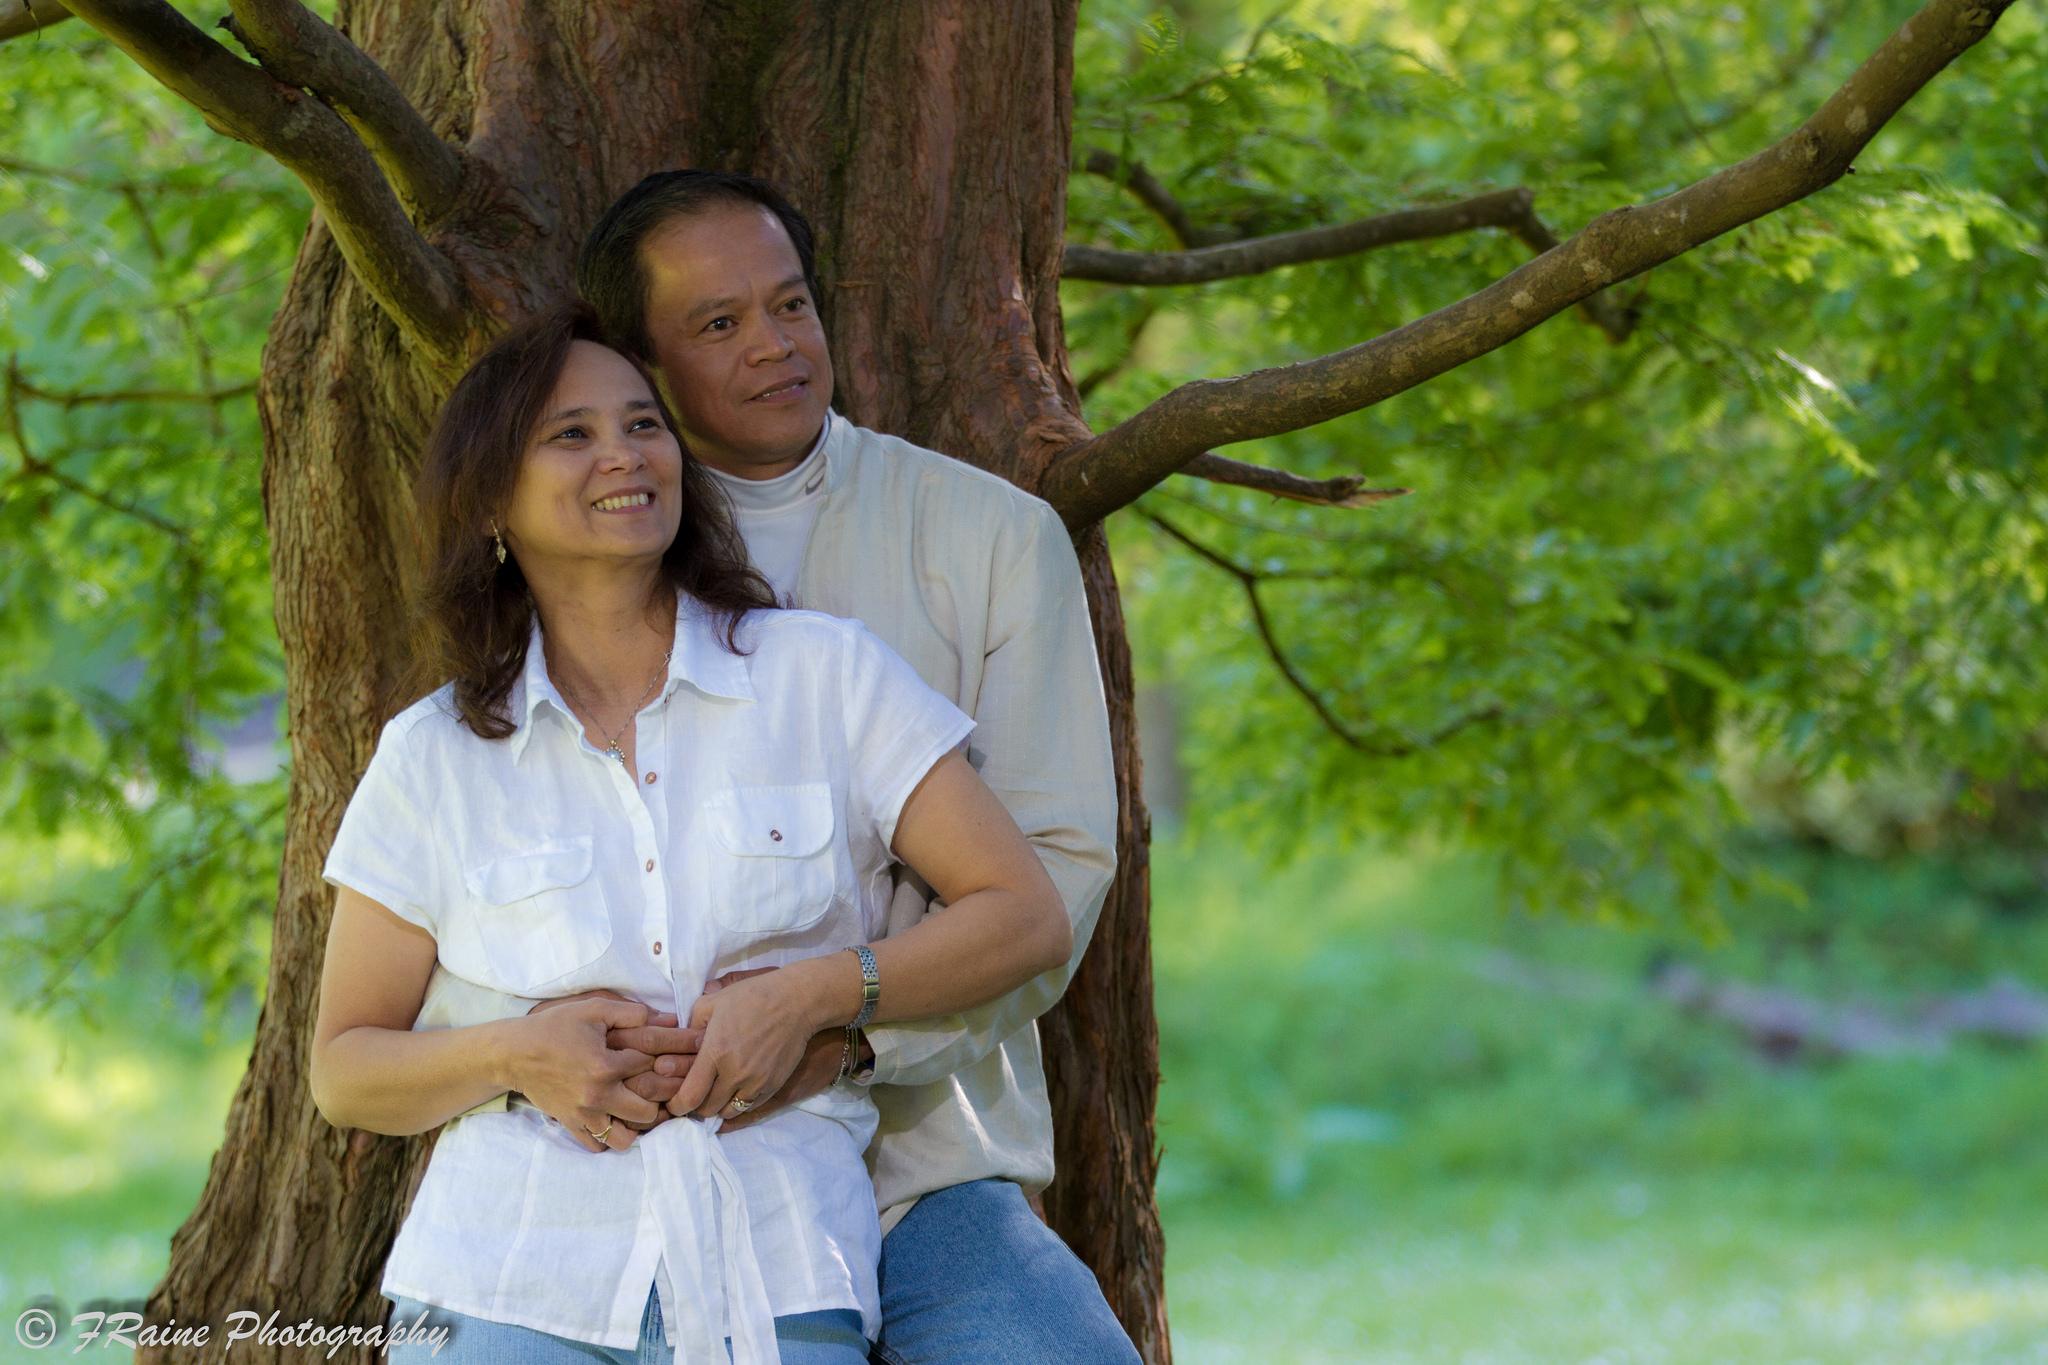 Arnold & Vivian